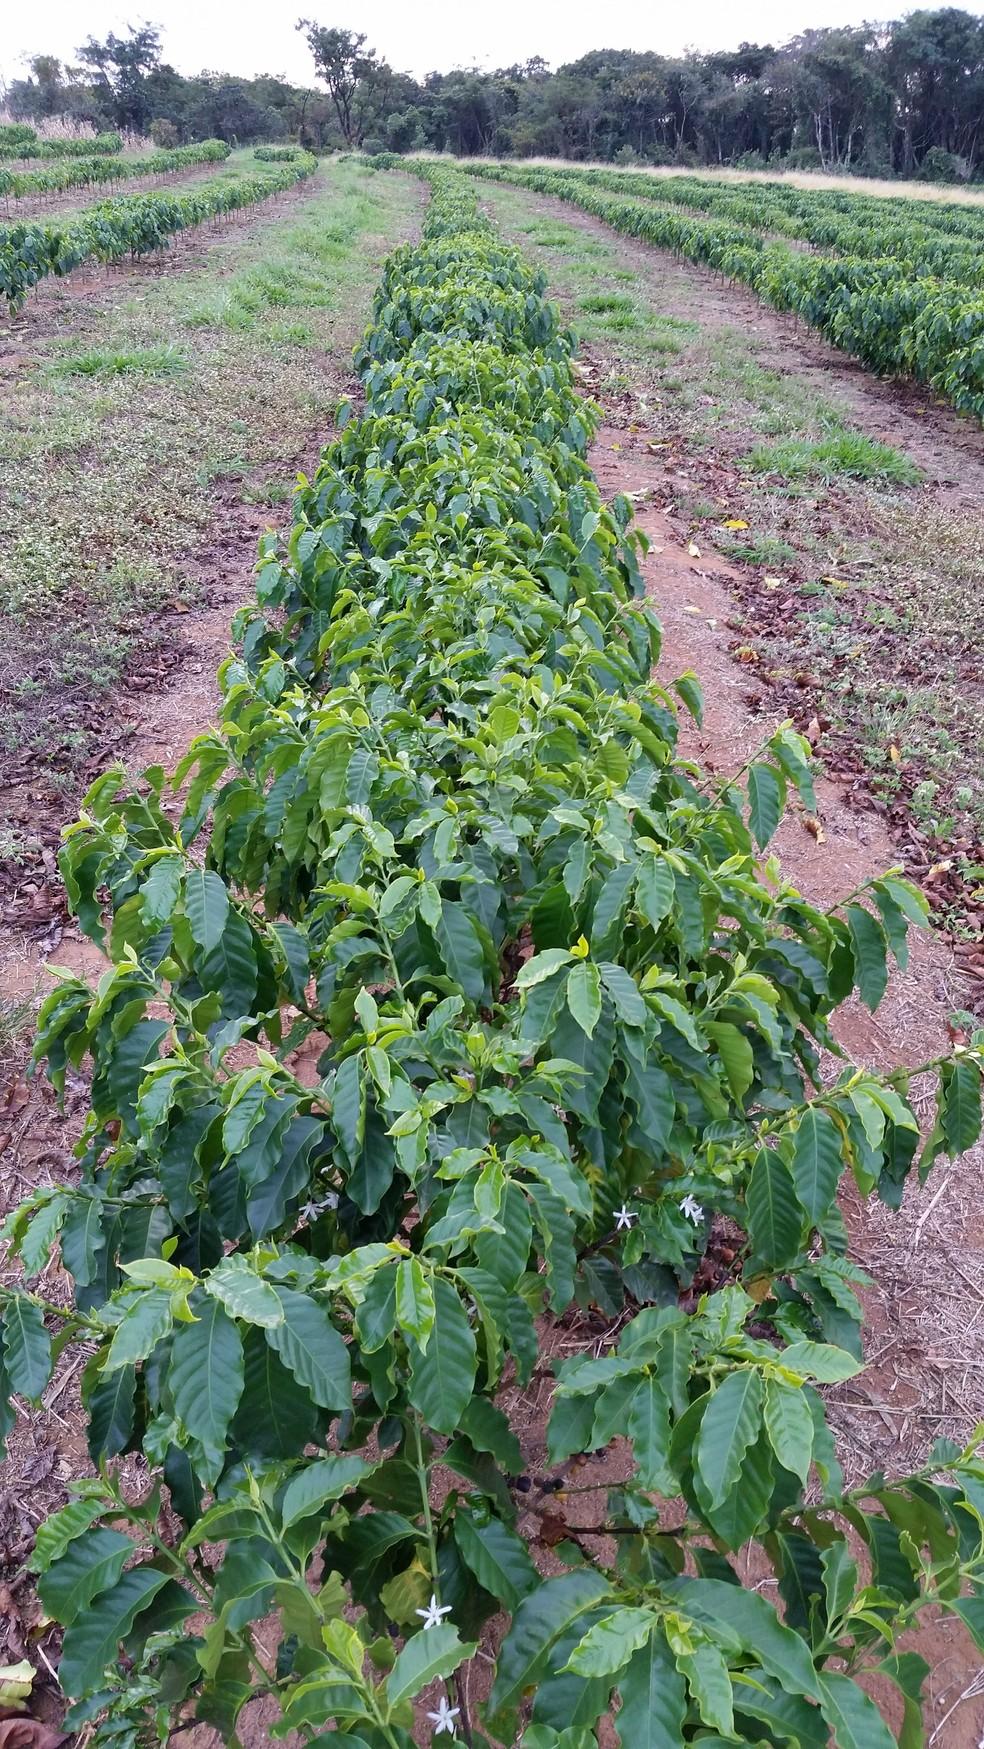 Adubo organomineral será testado em plantações de café arábica de Franca, SP (Foto: Marcelo Jordão Filho/Fundação Prócafé)